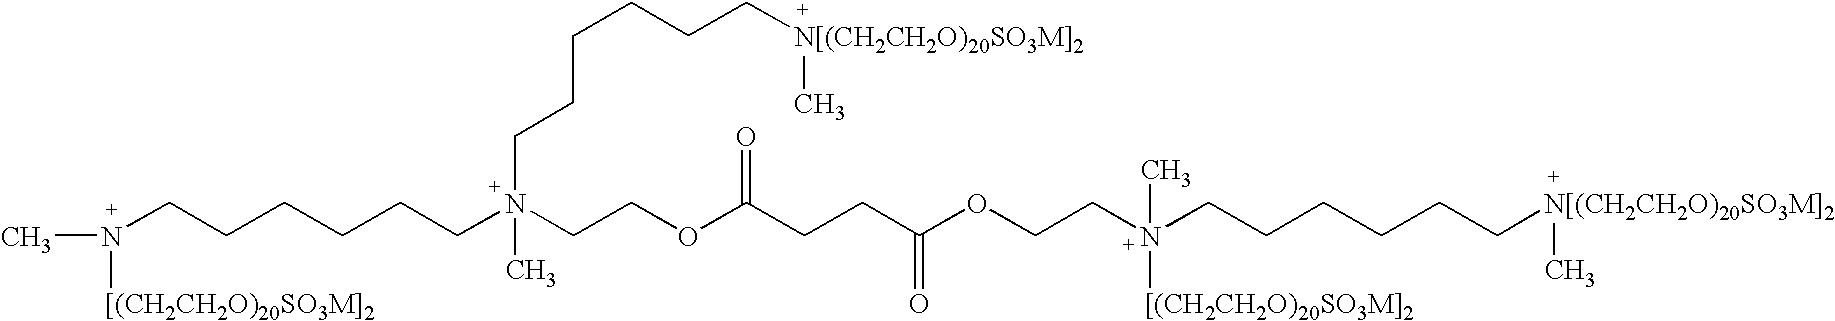 Figure US06660711-20031209-C00023